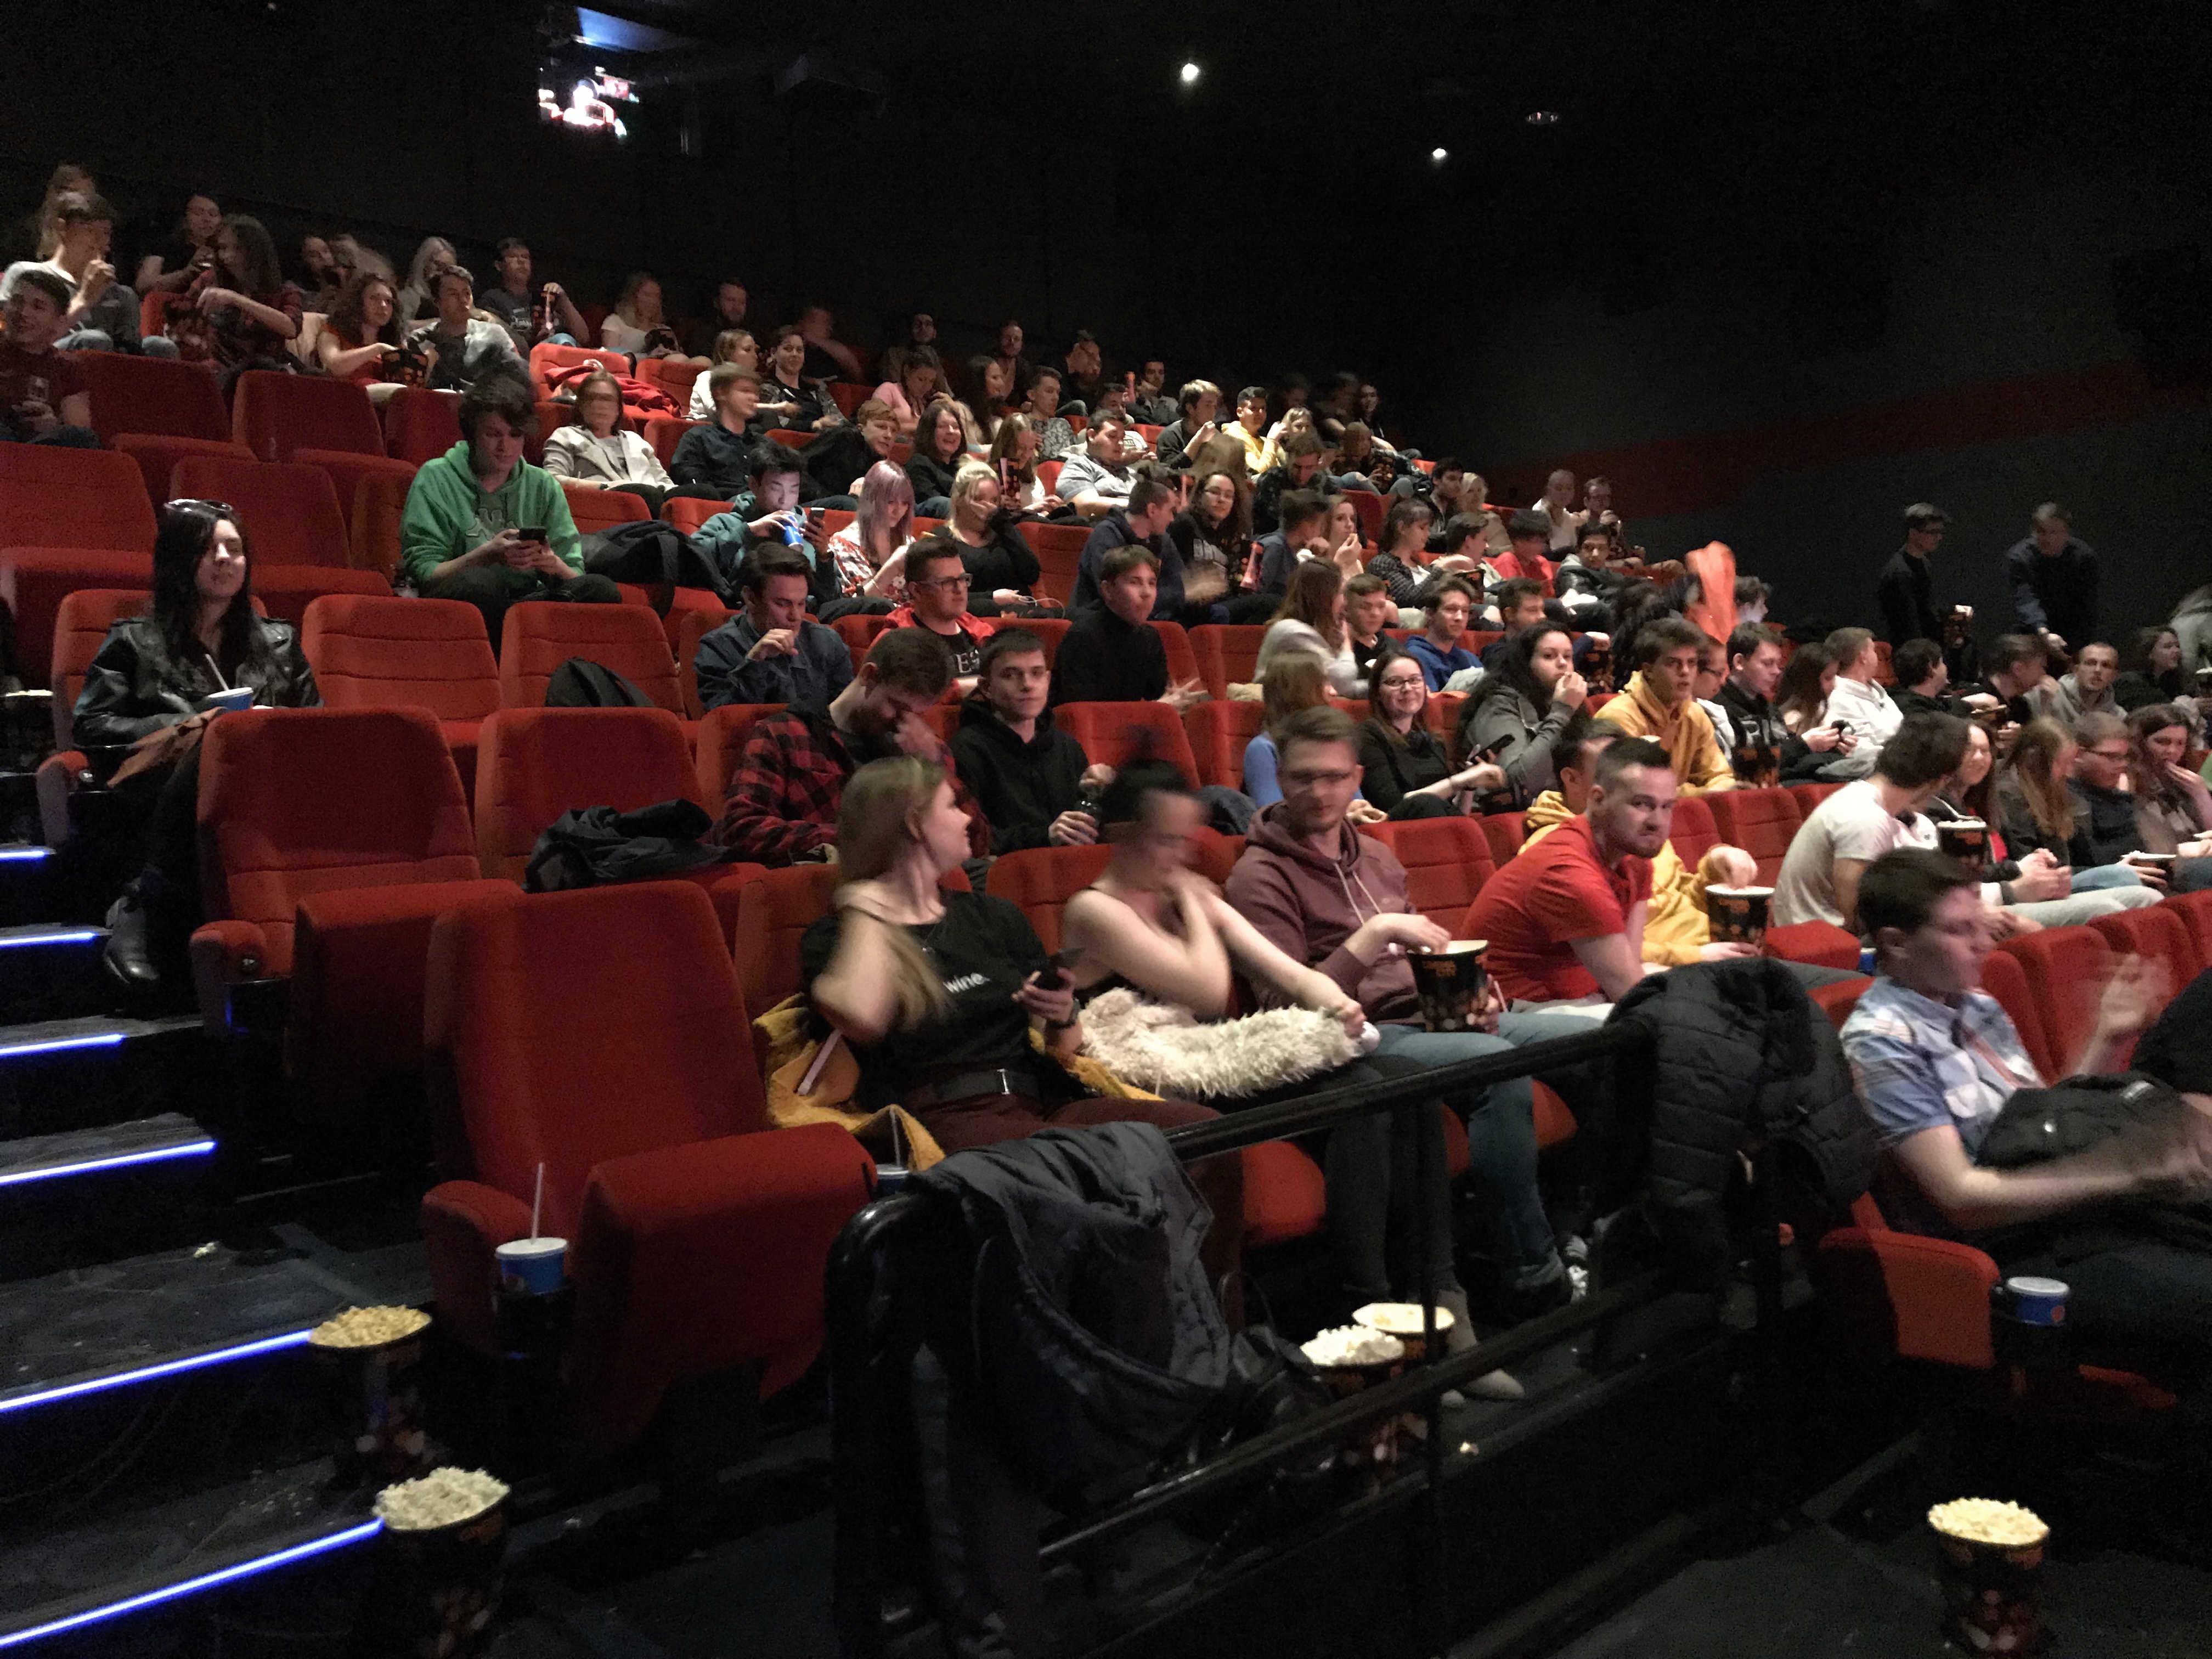 Promítání pro zaměstnance kina Cinema City